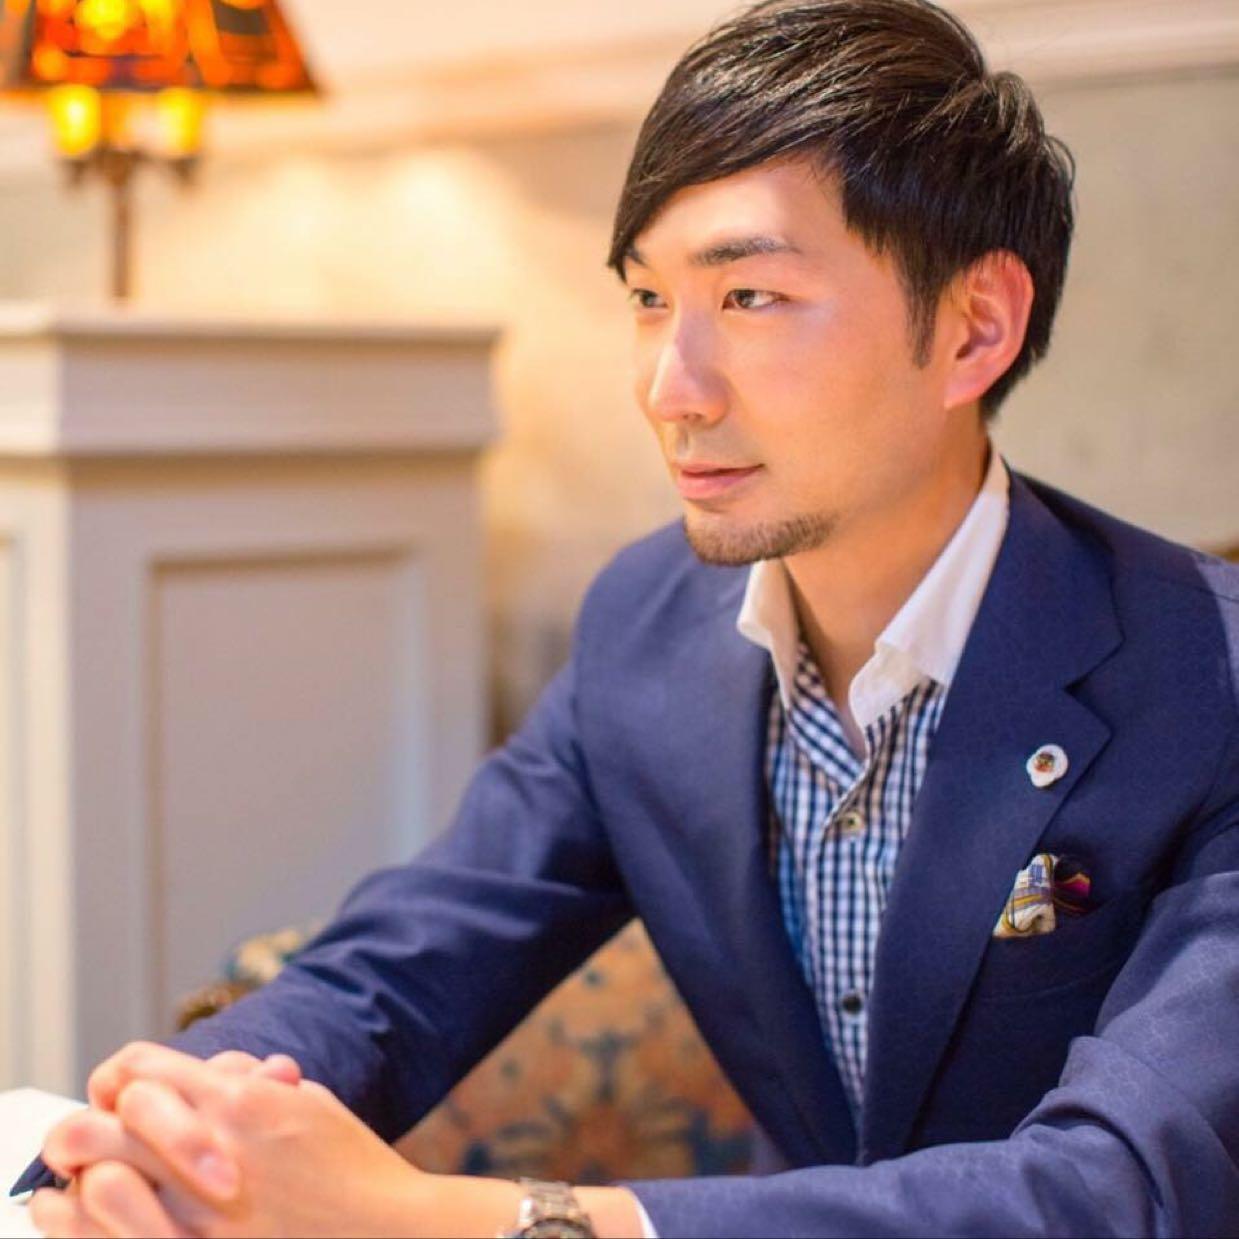 ファッション起業家の為のビジネスコンサルタント